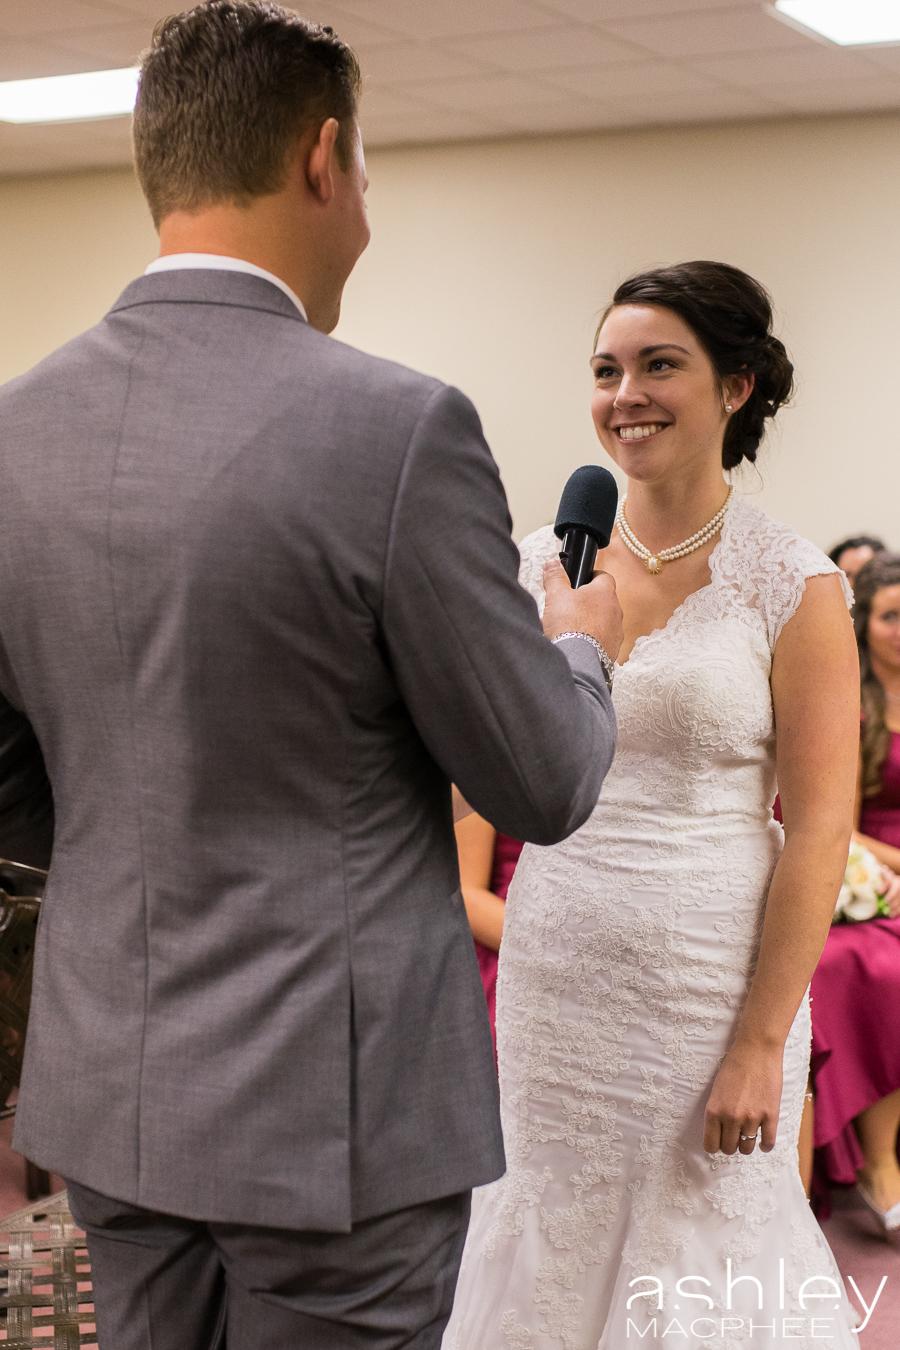 Ashley MacPhee Photography Mont Tremblant Wedding Photographer (53 of 92).jpg